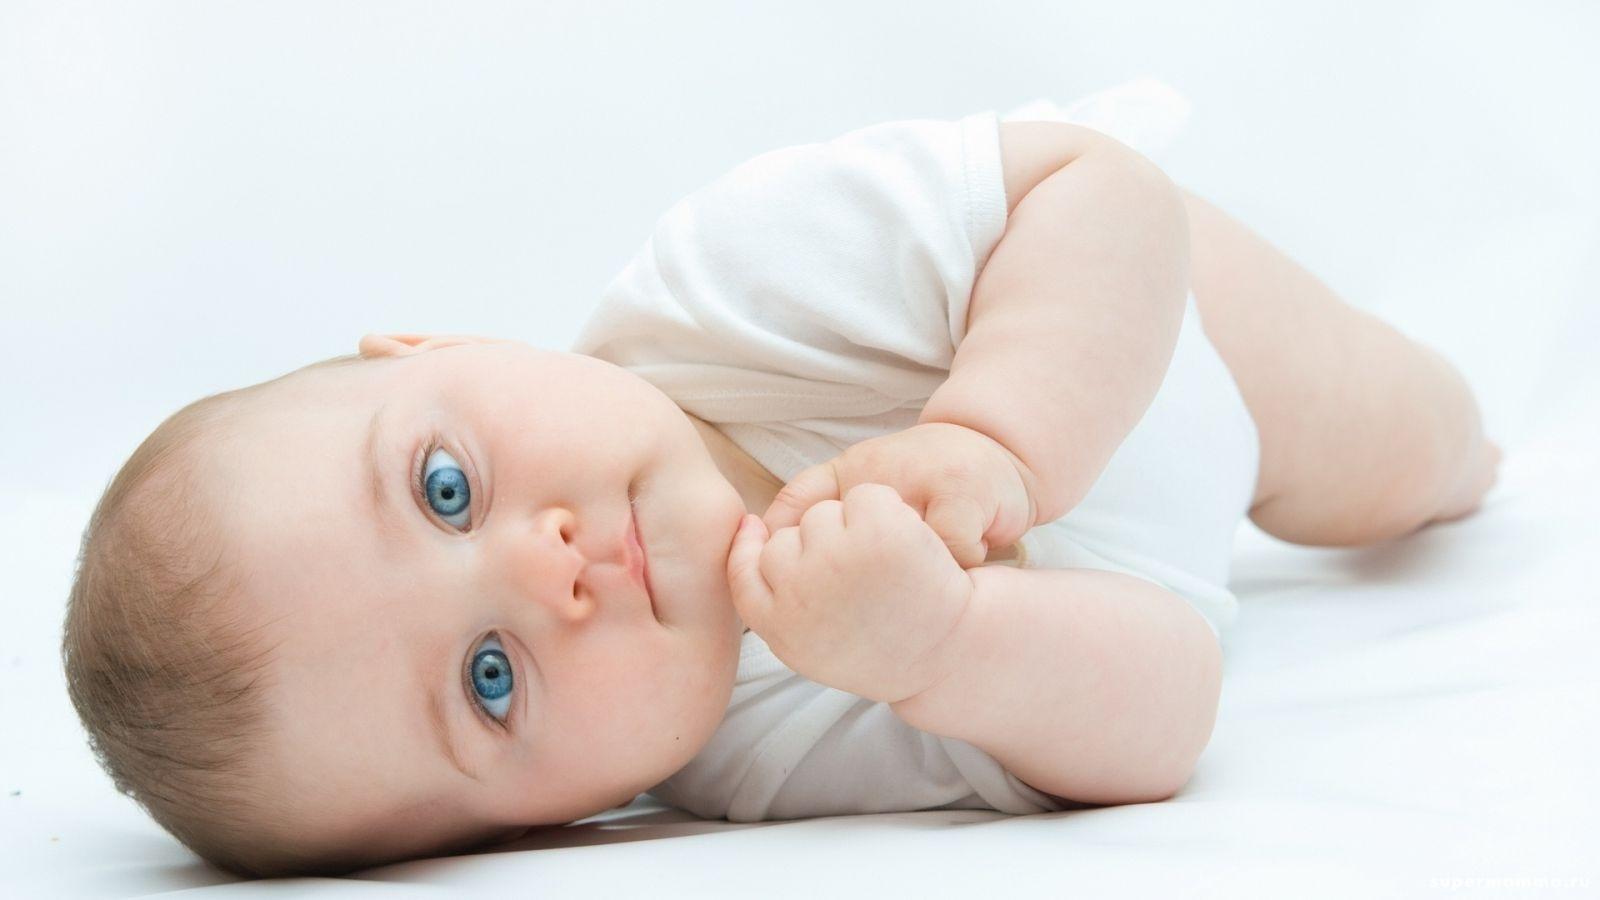 Стрептодермия у детей: фото, причины и симптомы, лечение